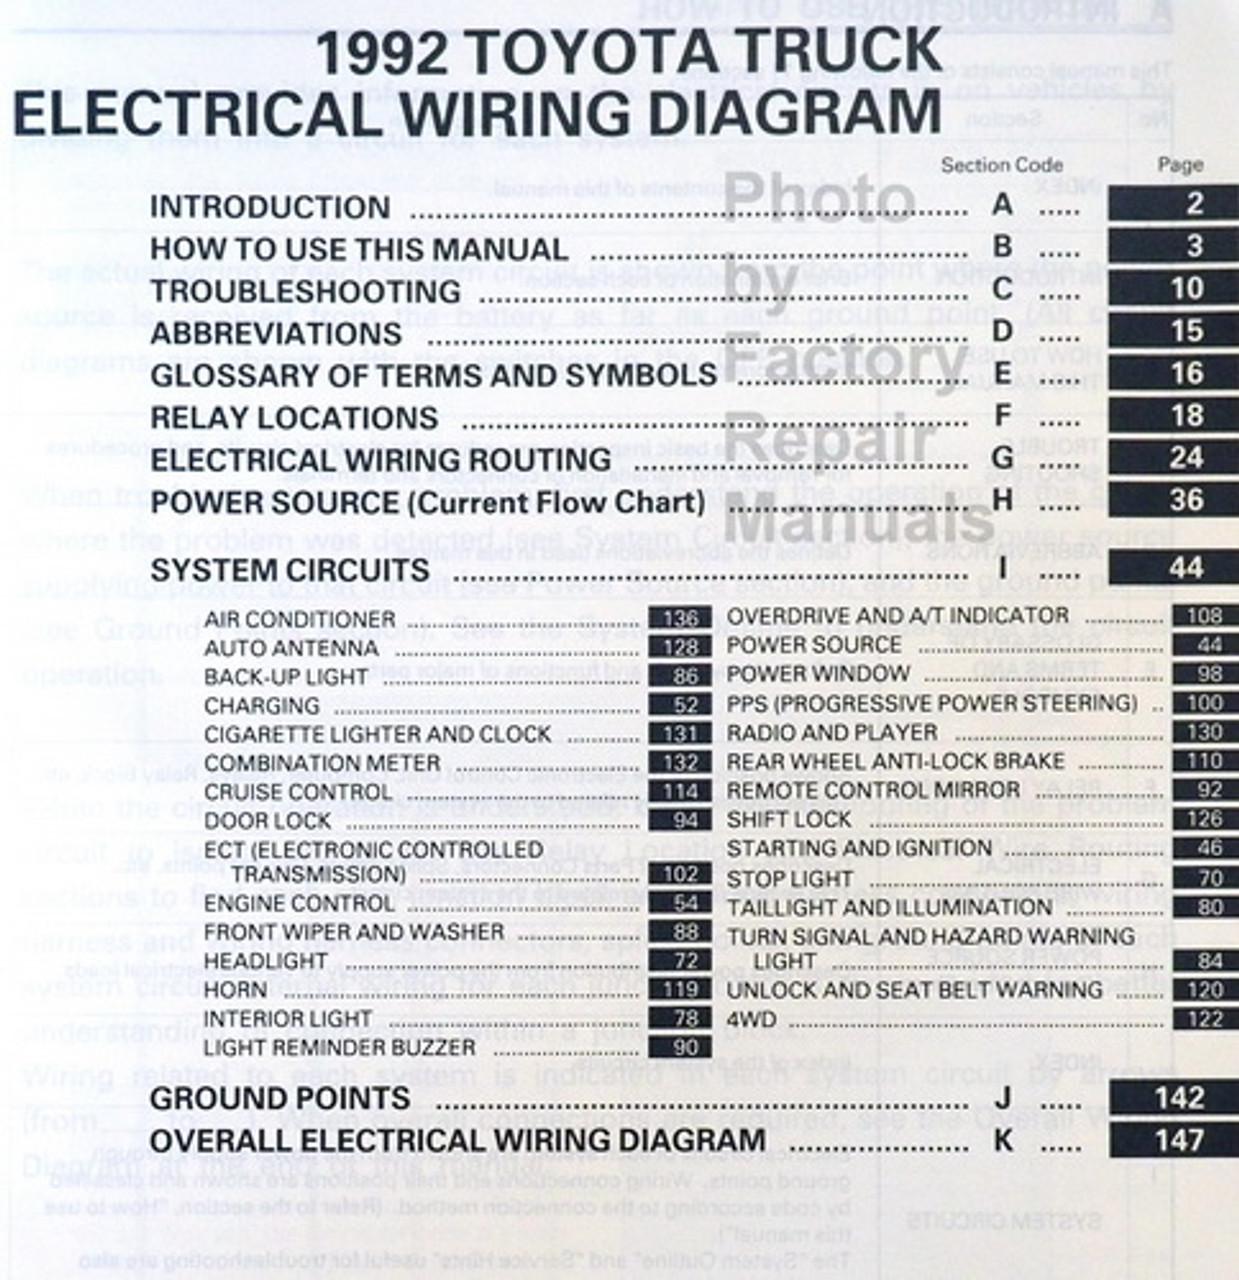 1992 Toyota Pickup Truck Electrical Wiring Diagrams Original - Factory  Repair Manuals | 92 Toyota Pickup Wiring Diagram |  | Factory Repair Manuals